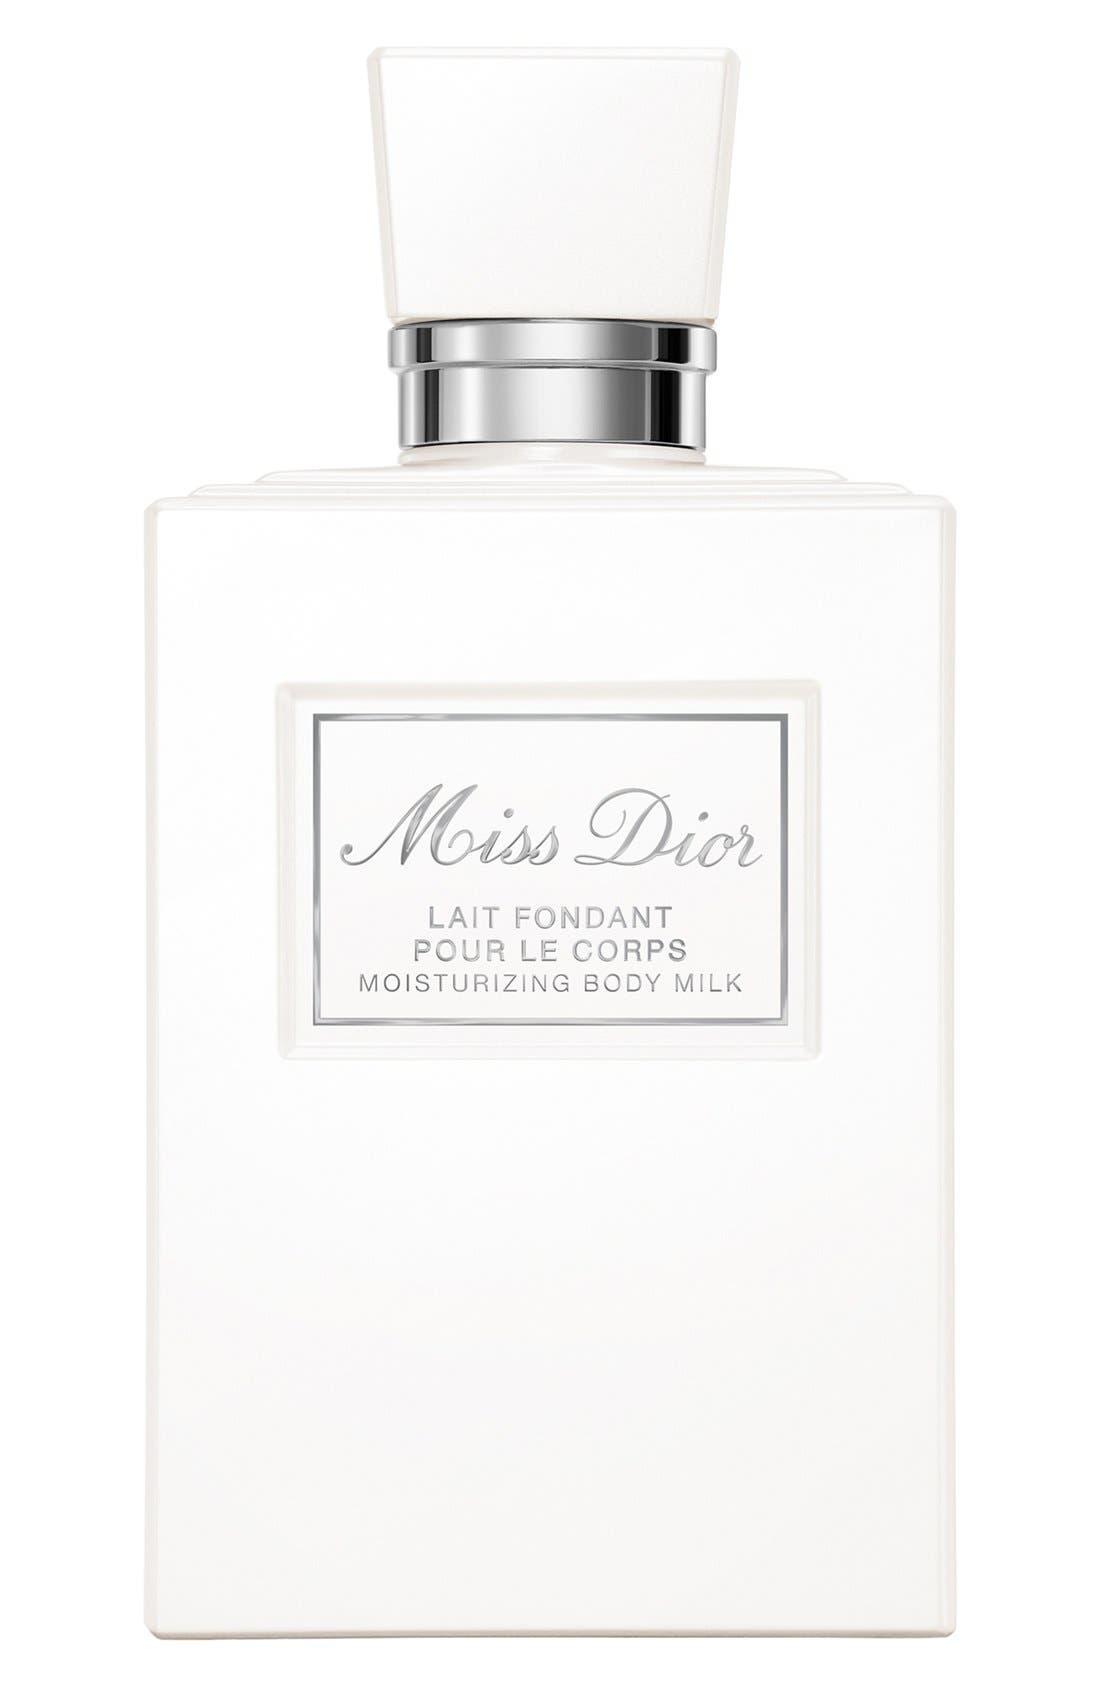 Dior 'Miss Dior' Moisturizing Body Milk